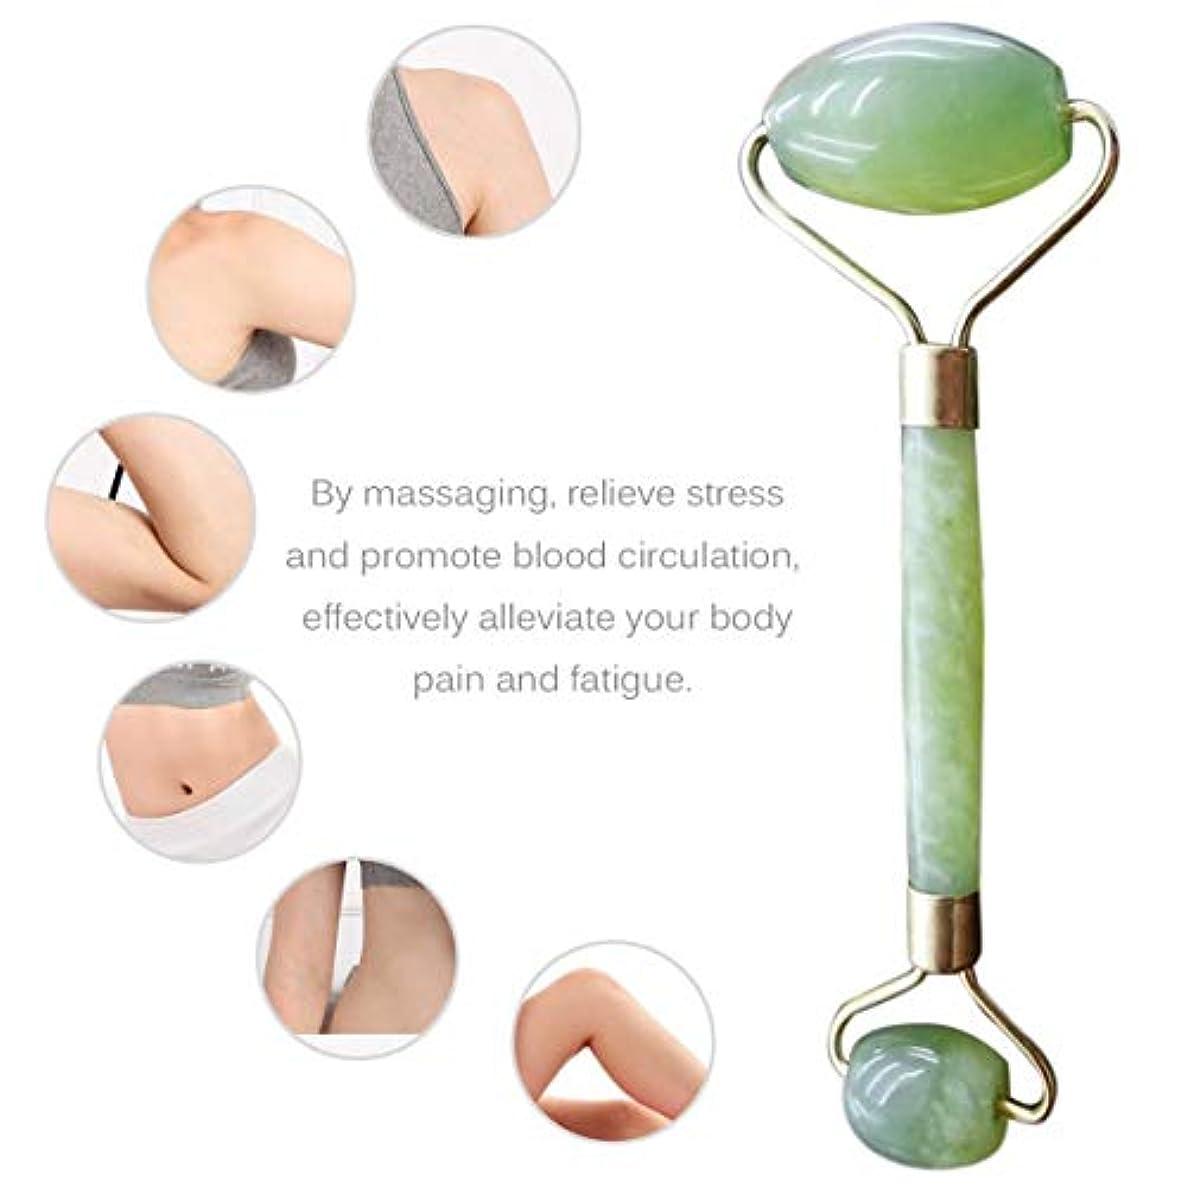 かんたんリーク祭りDouble Heads Natural Jade Face Care Massager Handheld Anti Wrinkle Healthy Face Body Foot Massage Tools Best Gift